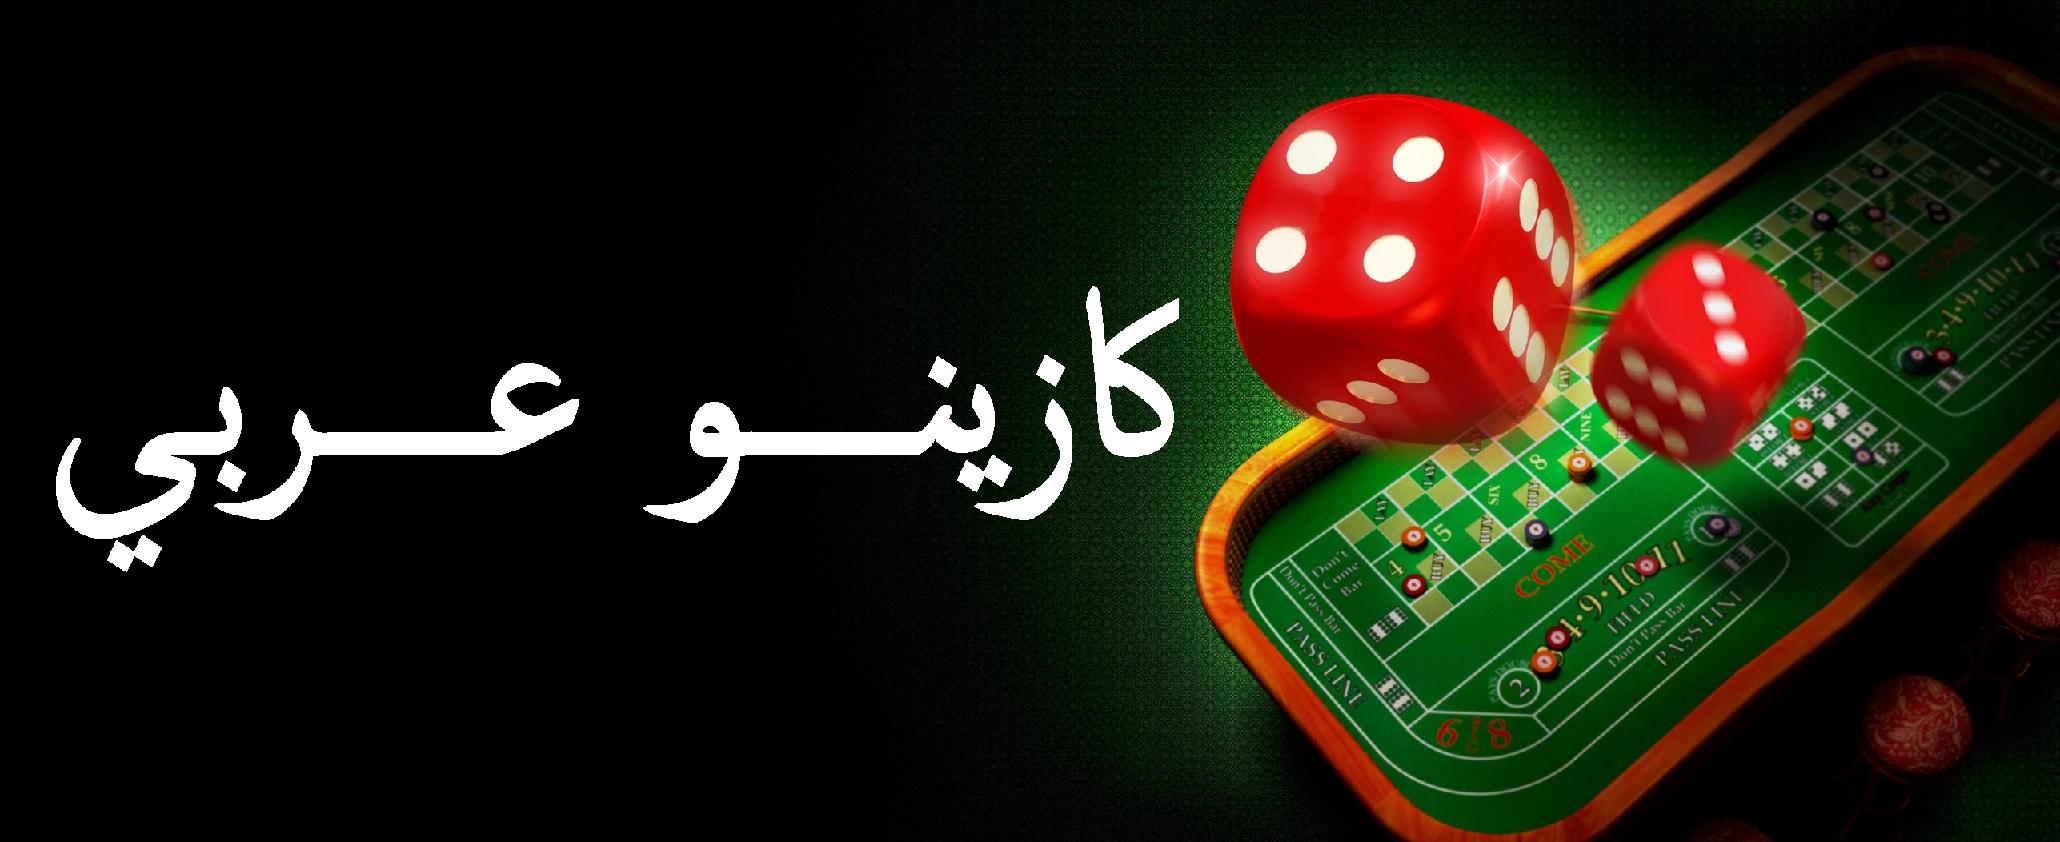 كازينو العاب - 94222